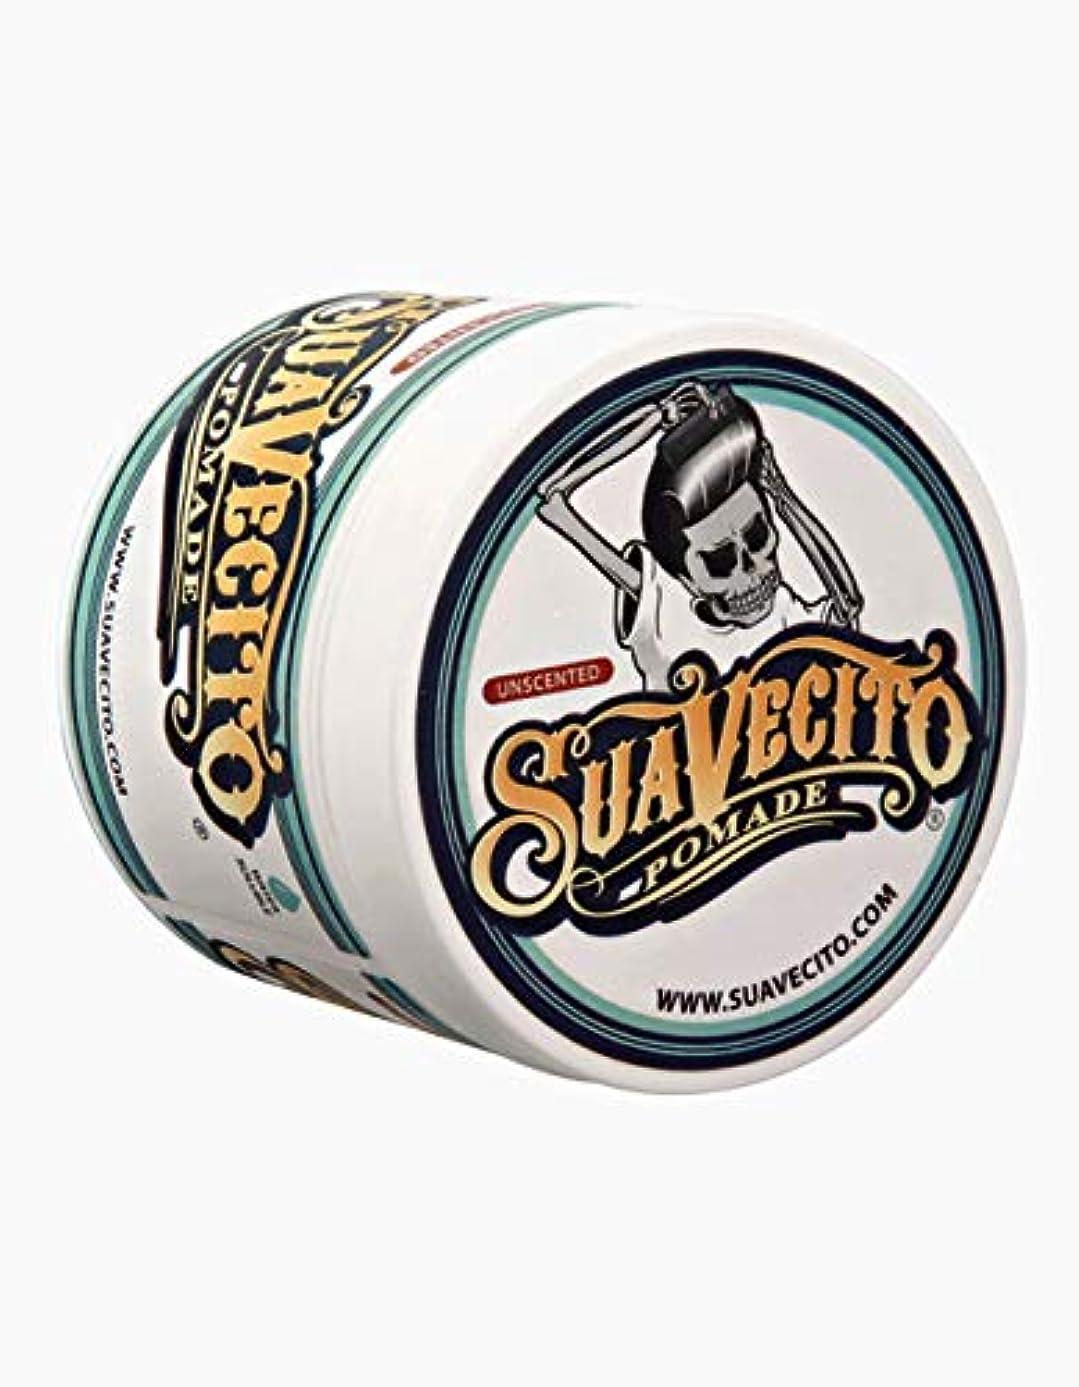 ノイズ調停する変数Suavecito 無香料Pomade-ミディアムは男性用スタイリングポマード(4オンス)をホールド 4オンス 元の